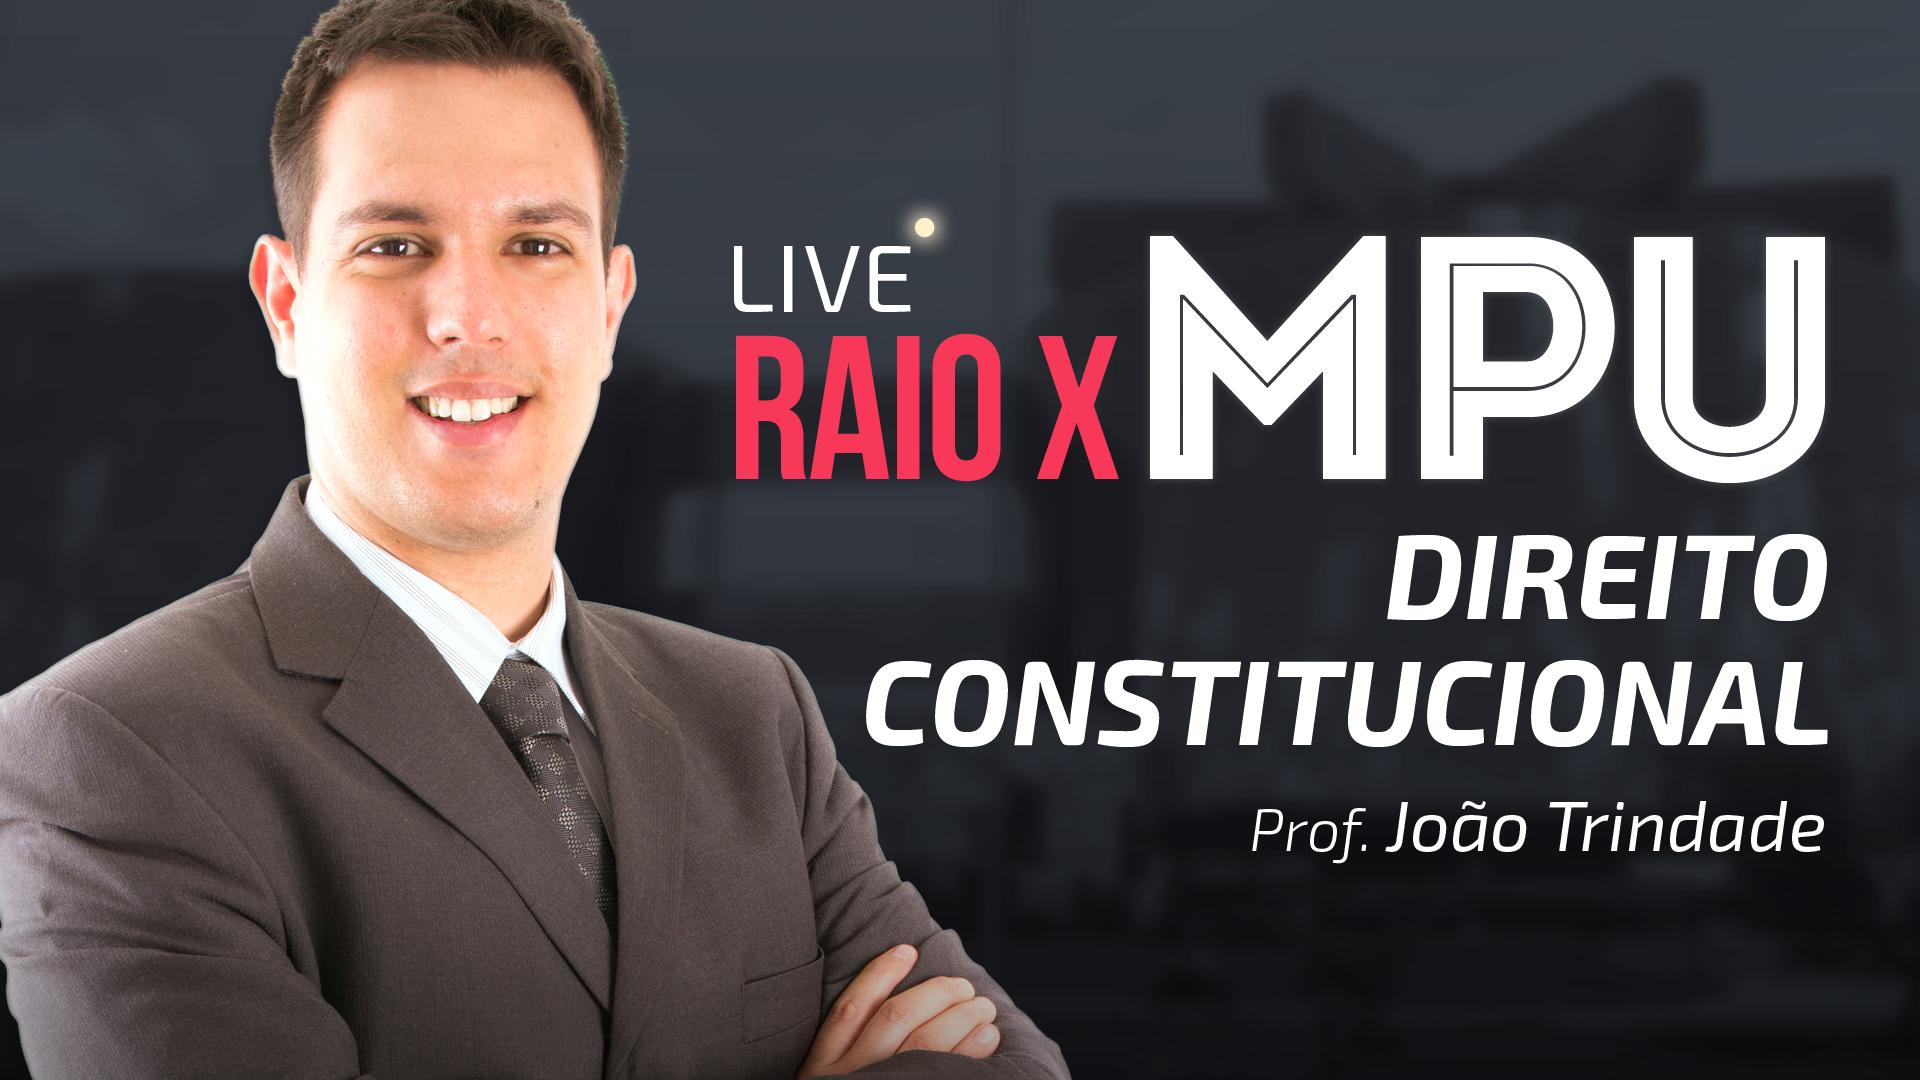 RAIO X MPU - Direito Constitucional para Técnico e Analista